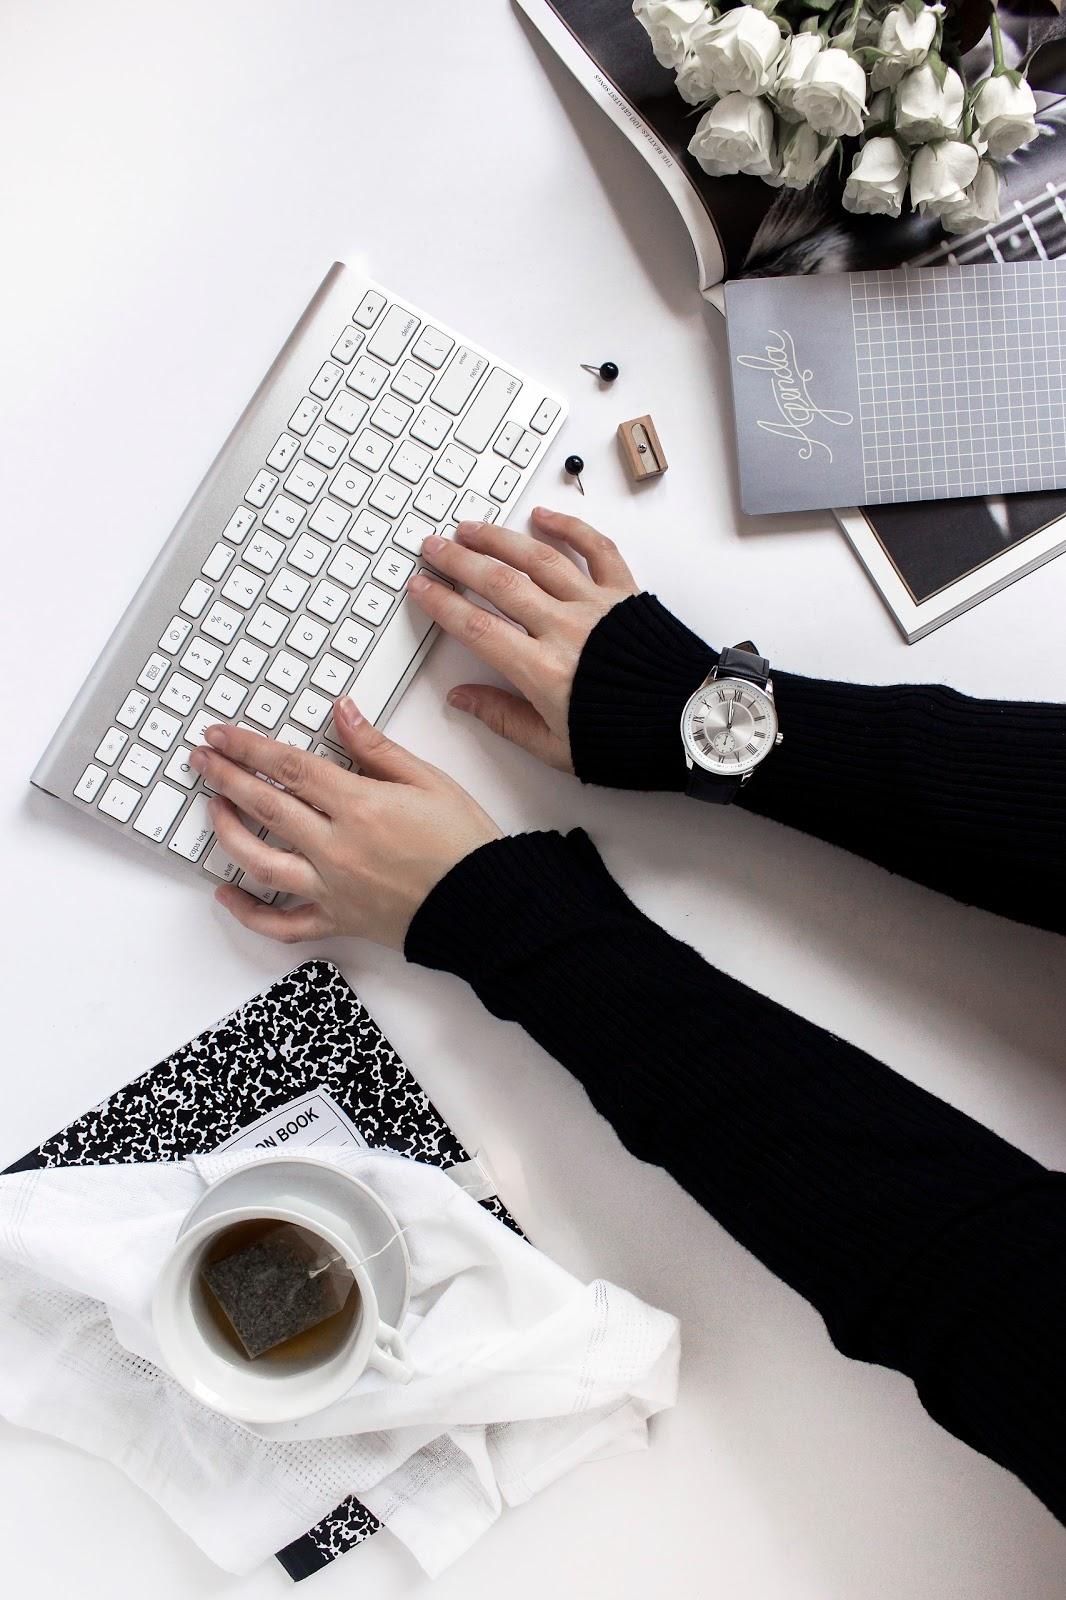 jak maksymalnie wykorzystać czas, laptop, stock photo